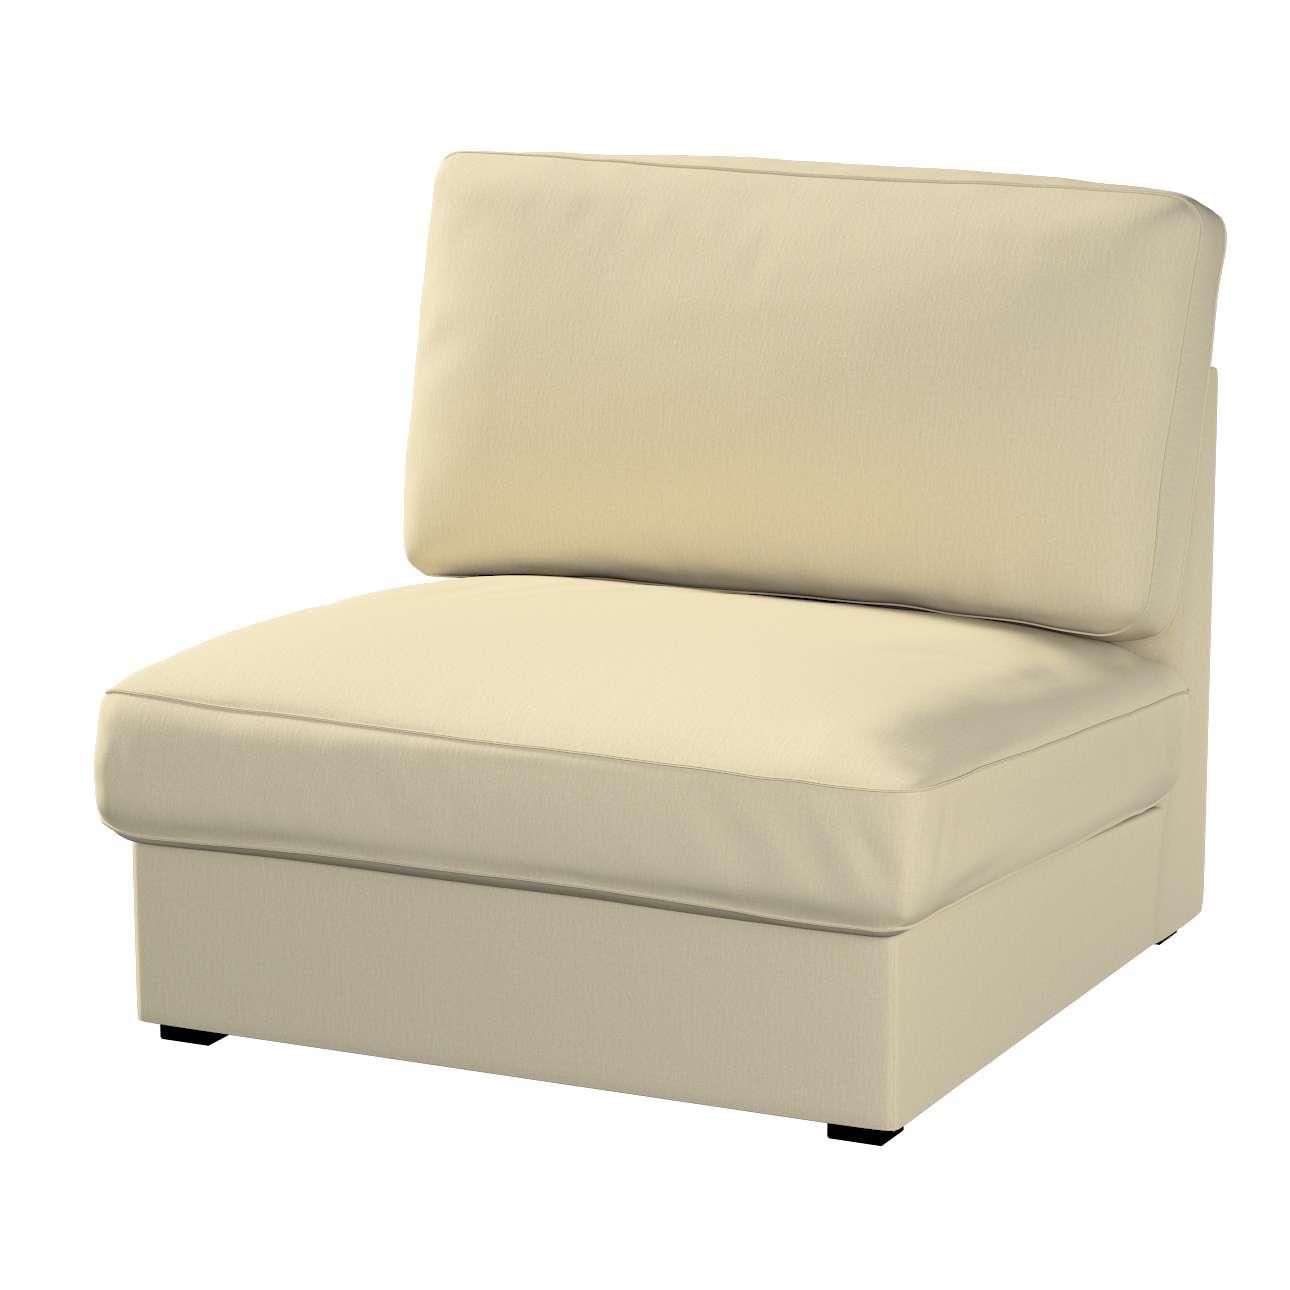 KIVIK fotelio/vienvietės dalies užvalkalas Kivik armchair kolekcijoje Chenille, audinys: 702-22